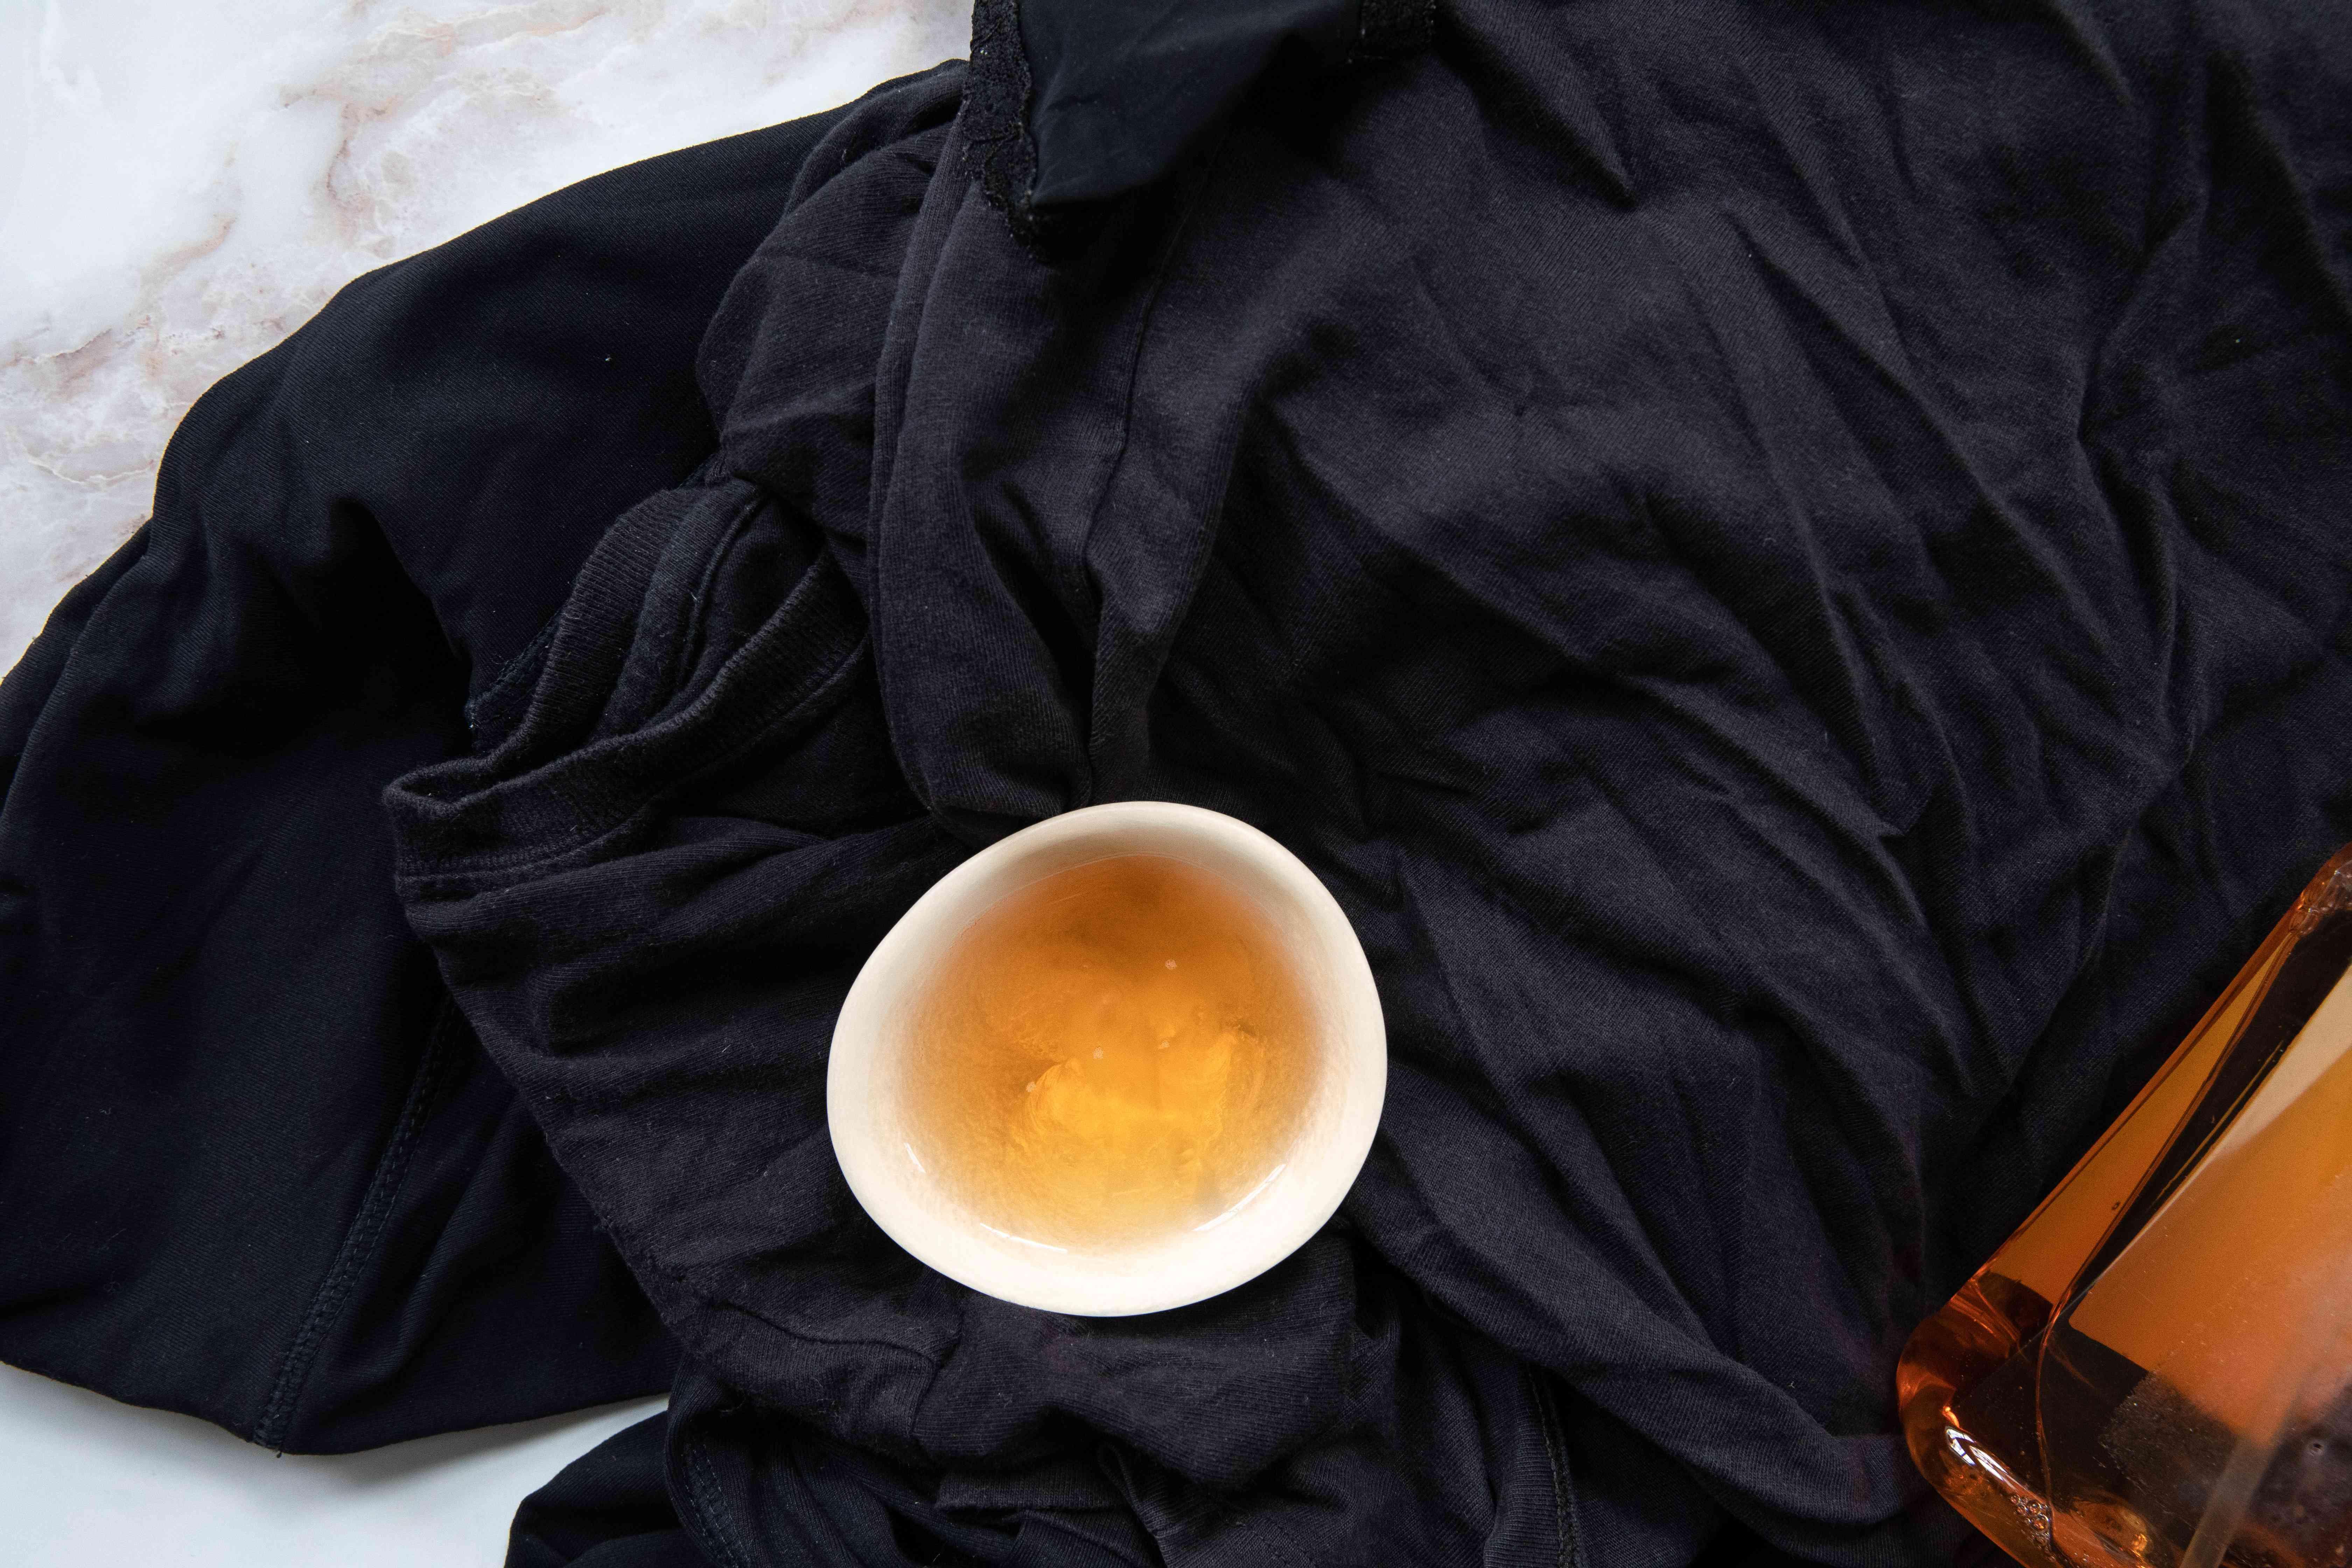 detergent for dark clothing